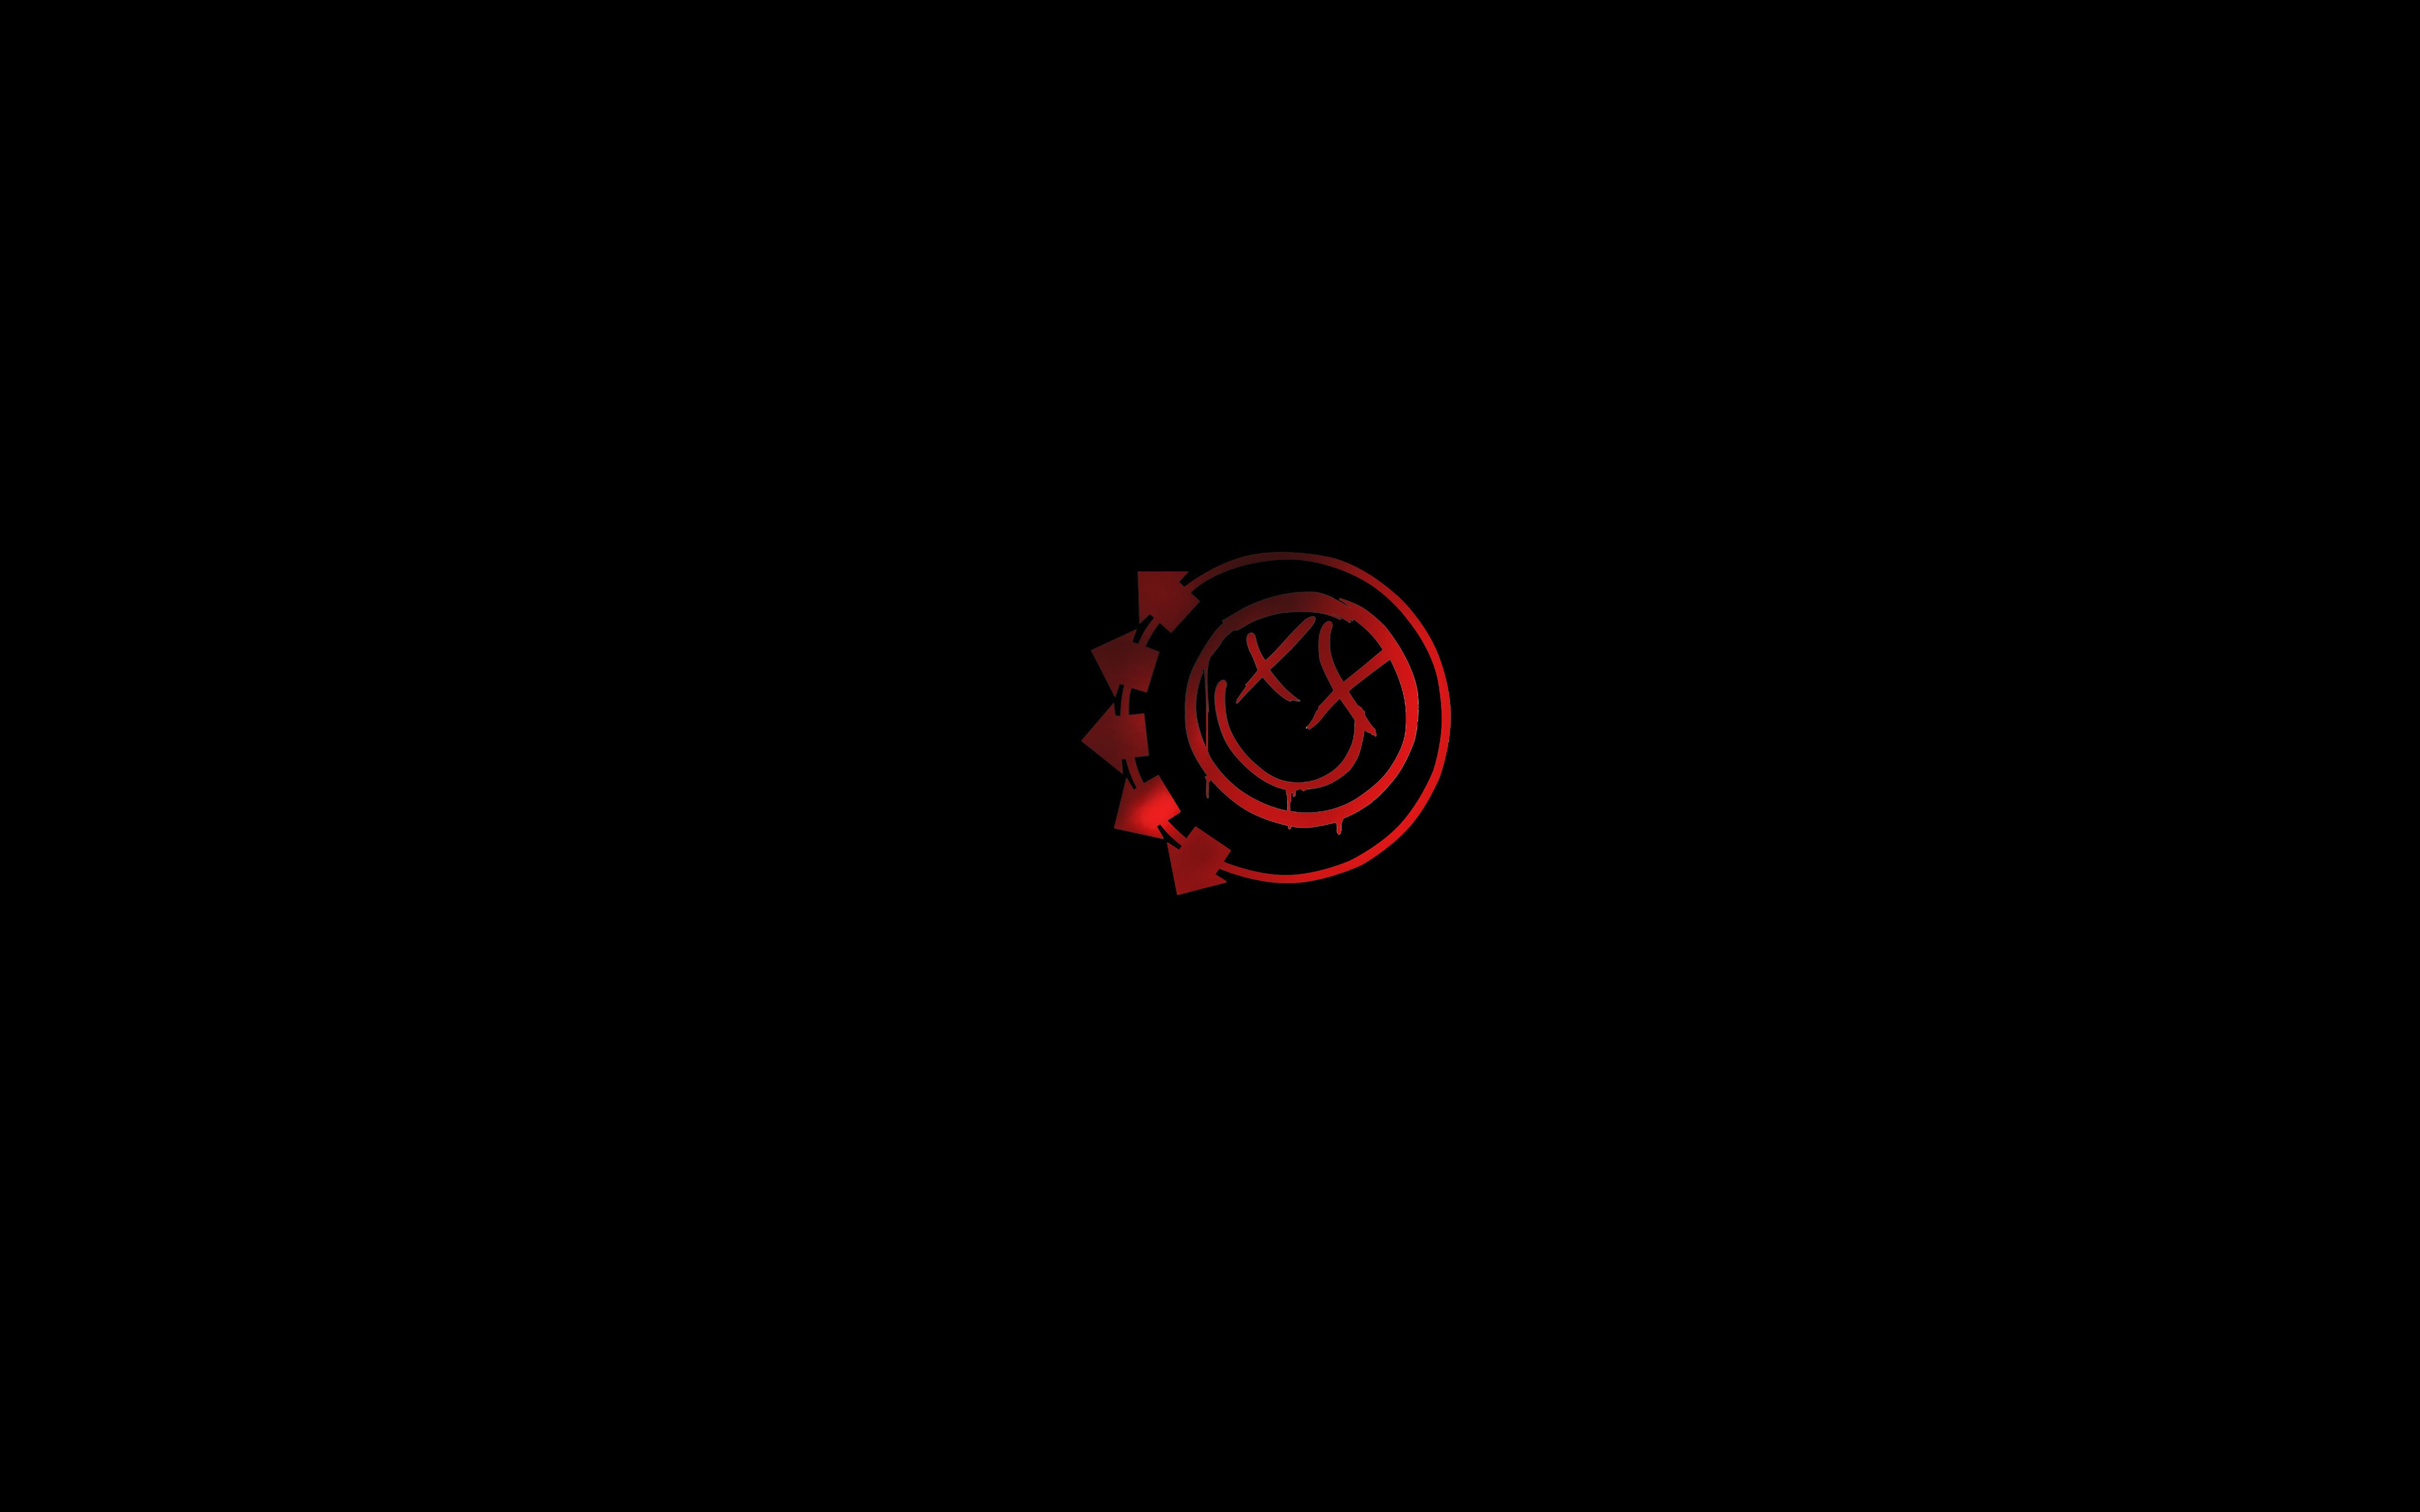 Best 47 Blink 182 Wallpaper on HipWallpaper Blink 182 Smiley 5120x3200